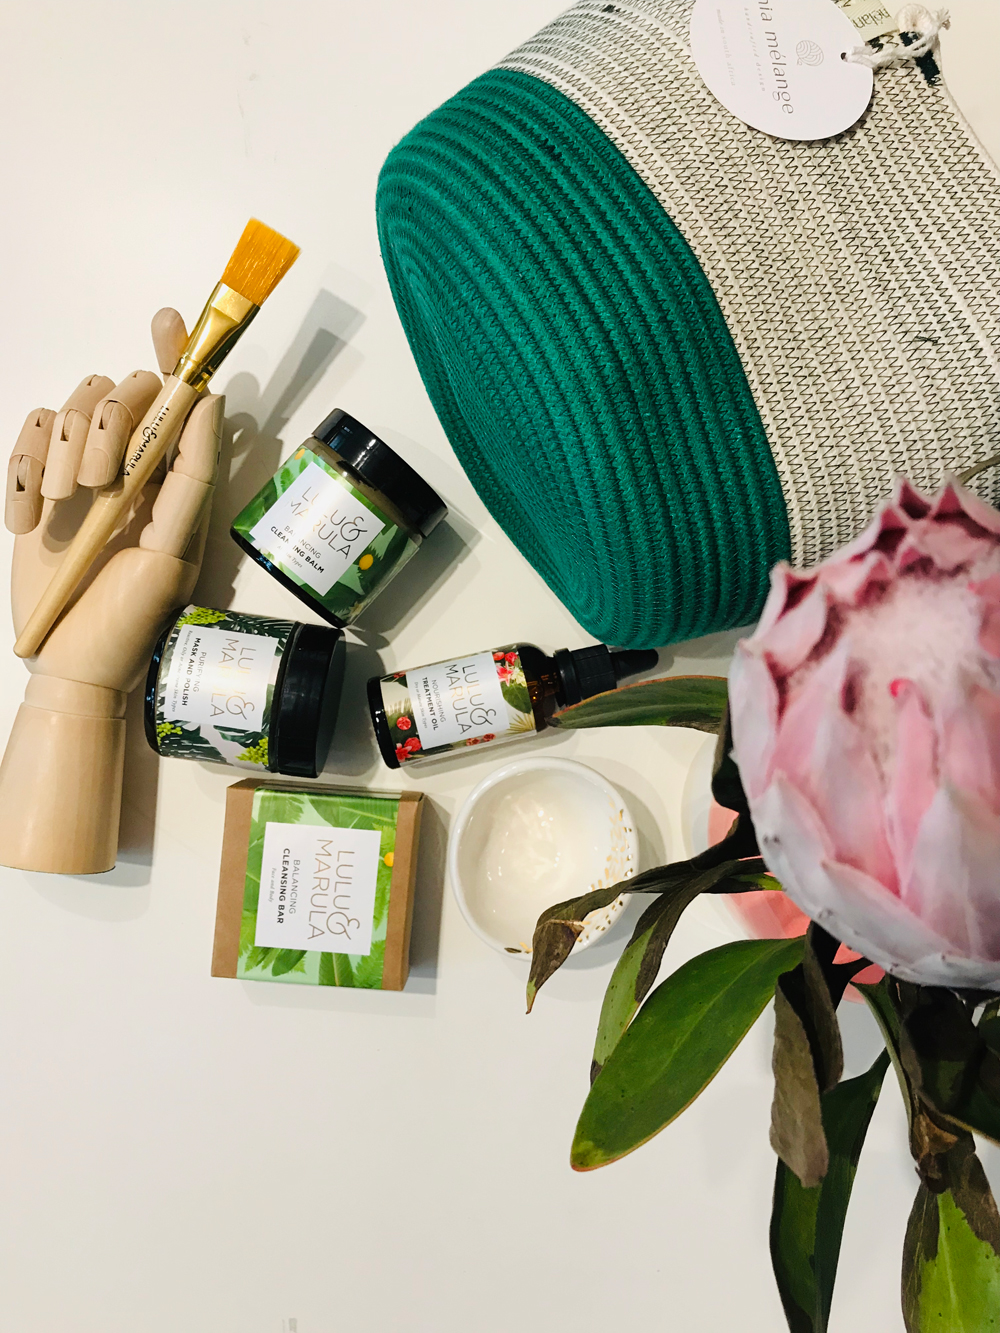 Zum fünfjährigen Jubiläum des Desighshops Highlight My Day gibt es auf sonrisa ein Naturkosemtik-Set von Lulu & Marula zu gewinnen!